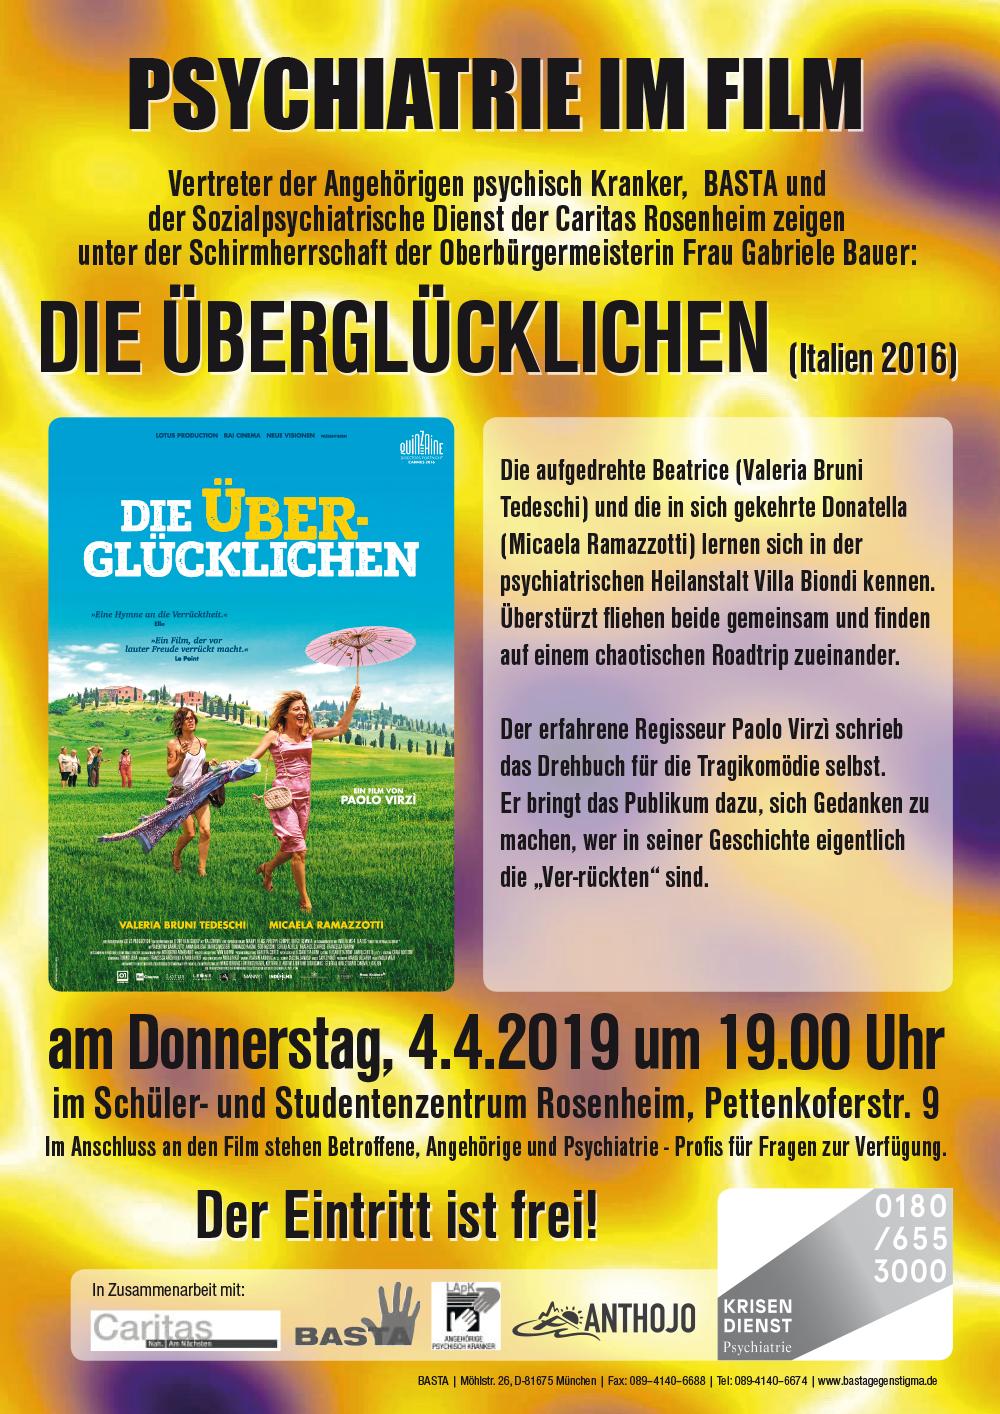 Kinoplakat zur Veranstaltung in Rosenheim